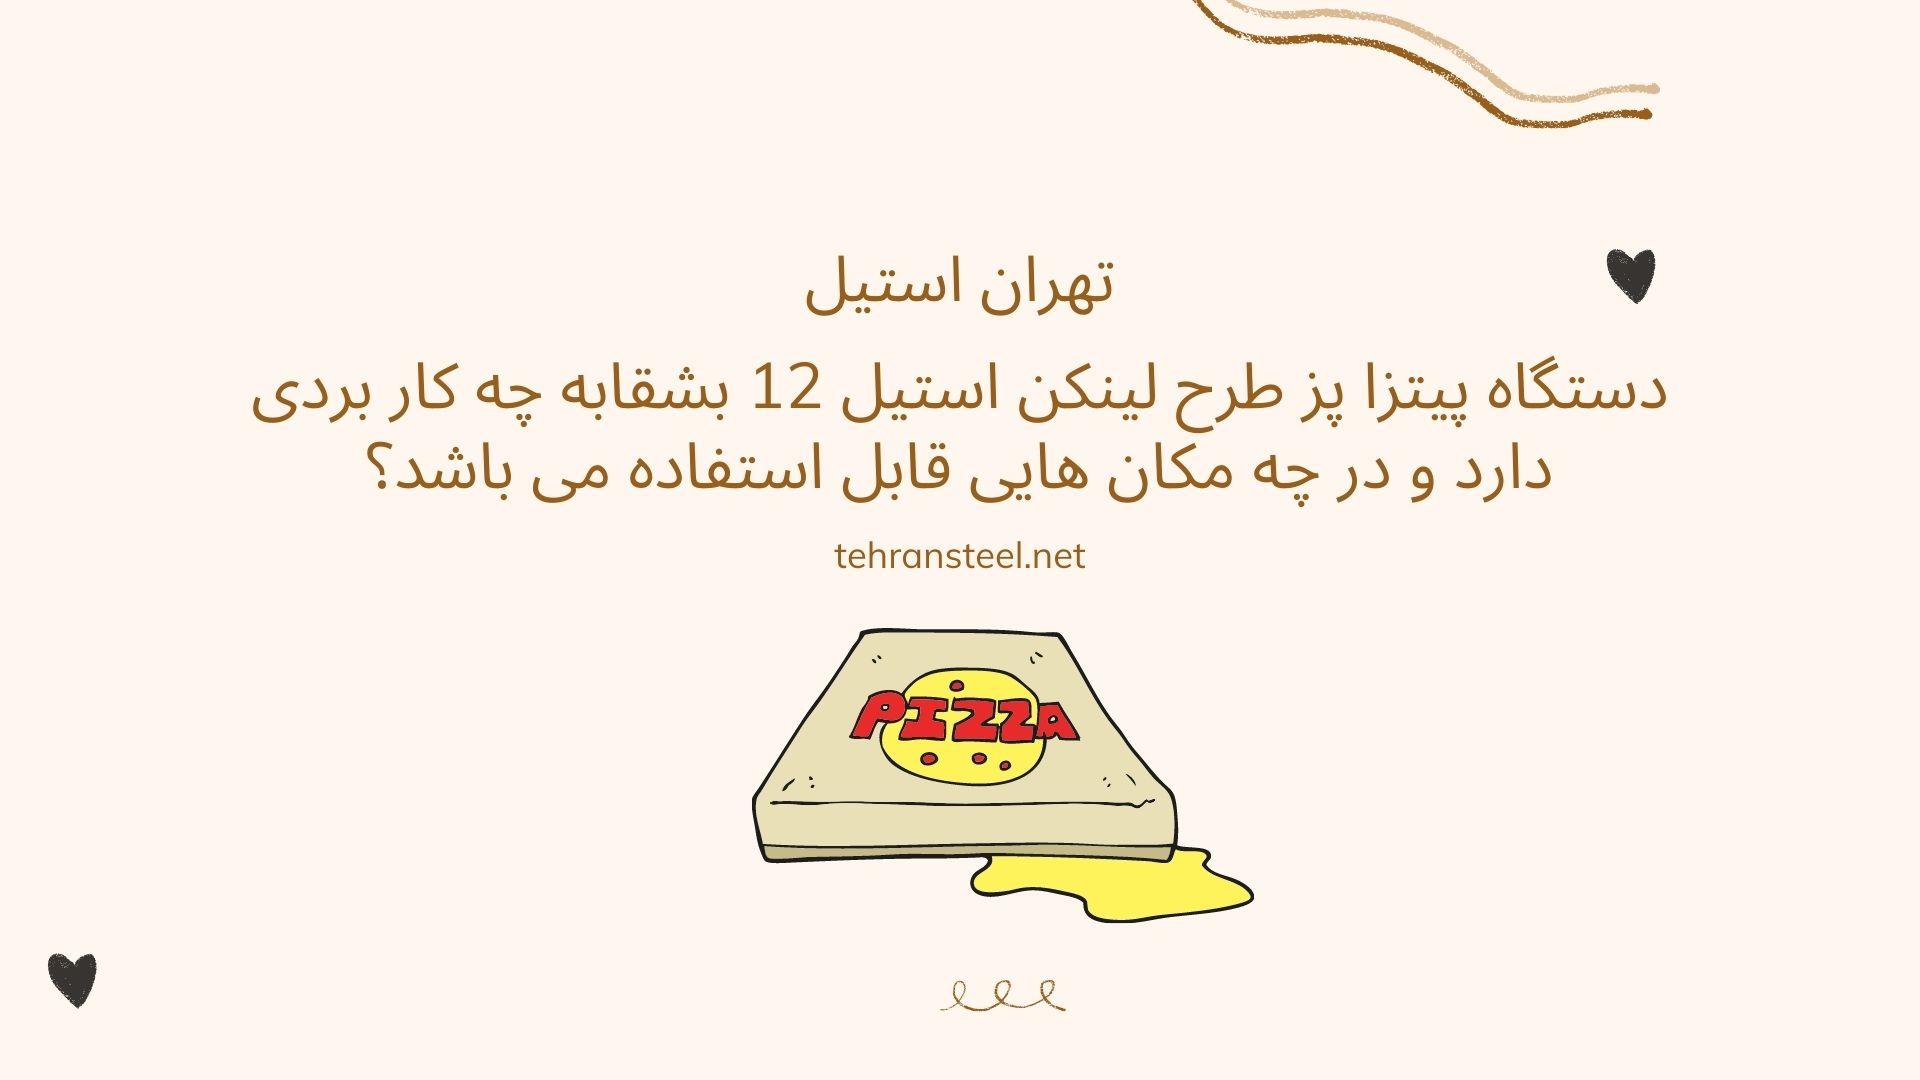 دستگاه پیتزا پز طرح لینکن استیل 12 بشقابه چه کار بردی دارد و در چه مکان هایی قابل استفاده می باشد؟